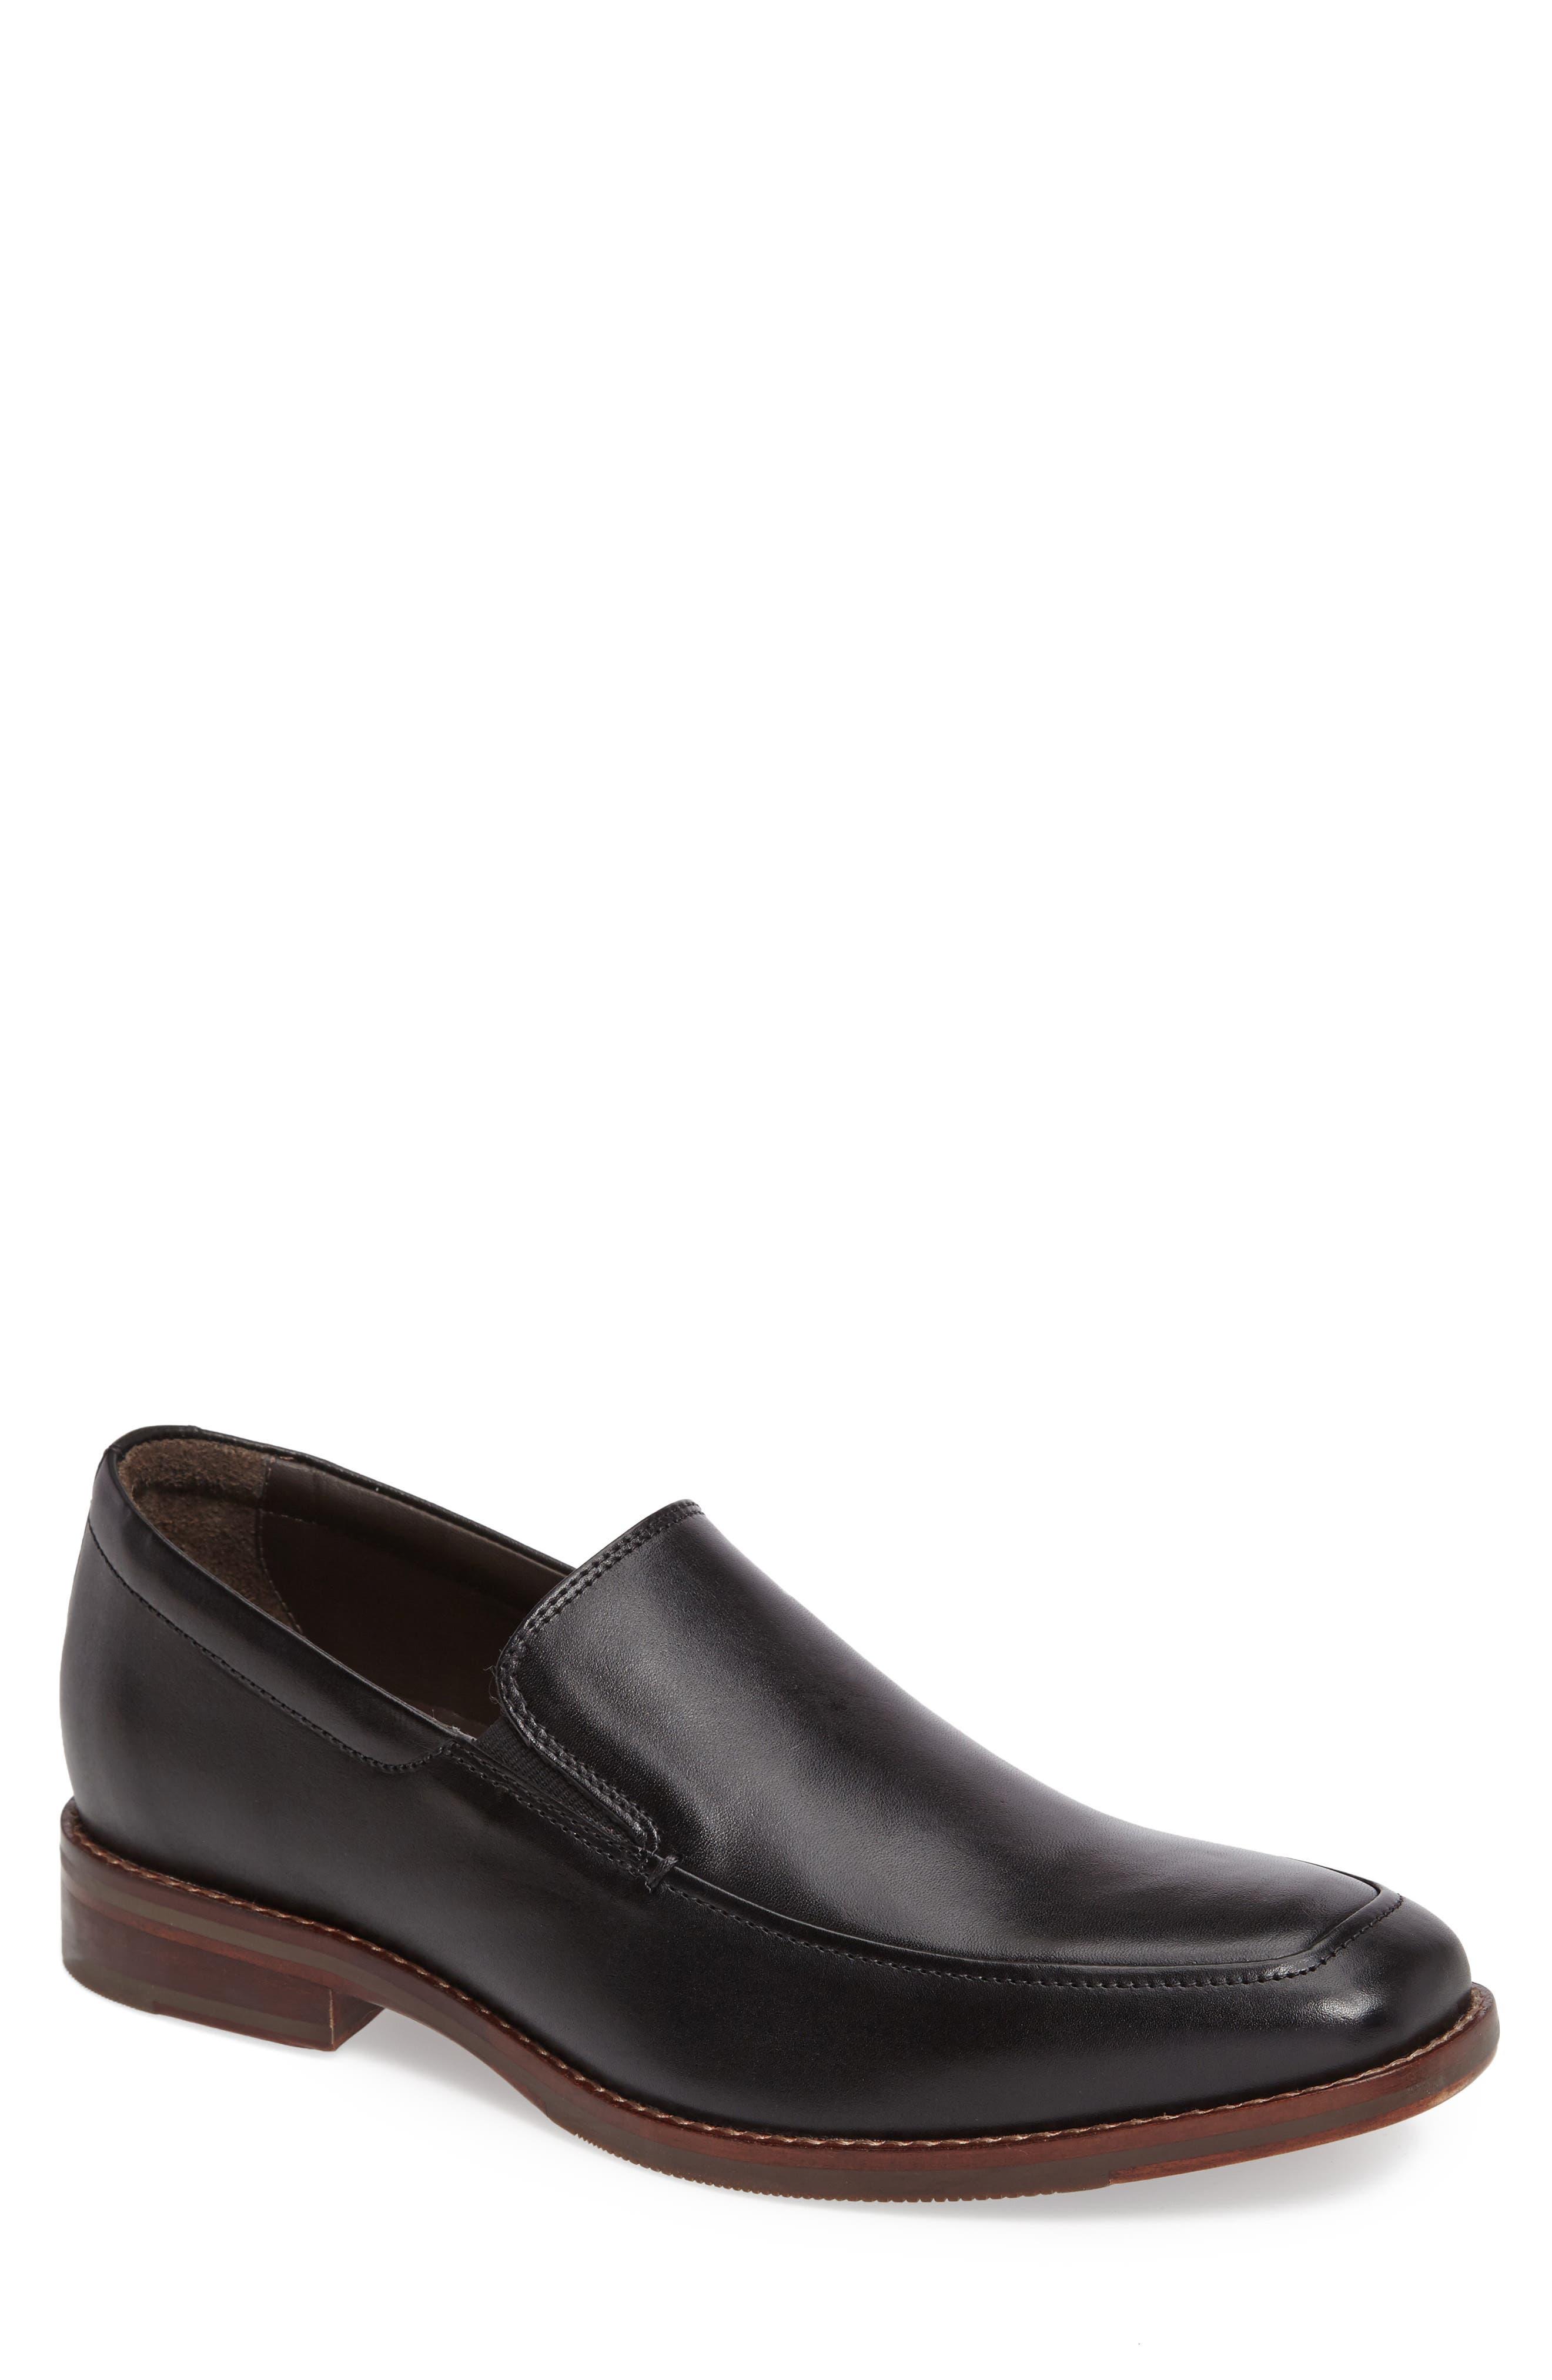 Meritt Venetian Loafer,                         Main,                         color, 001